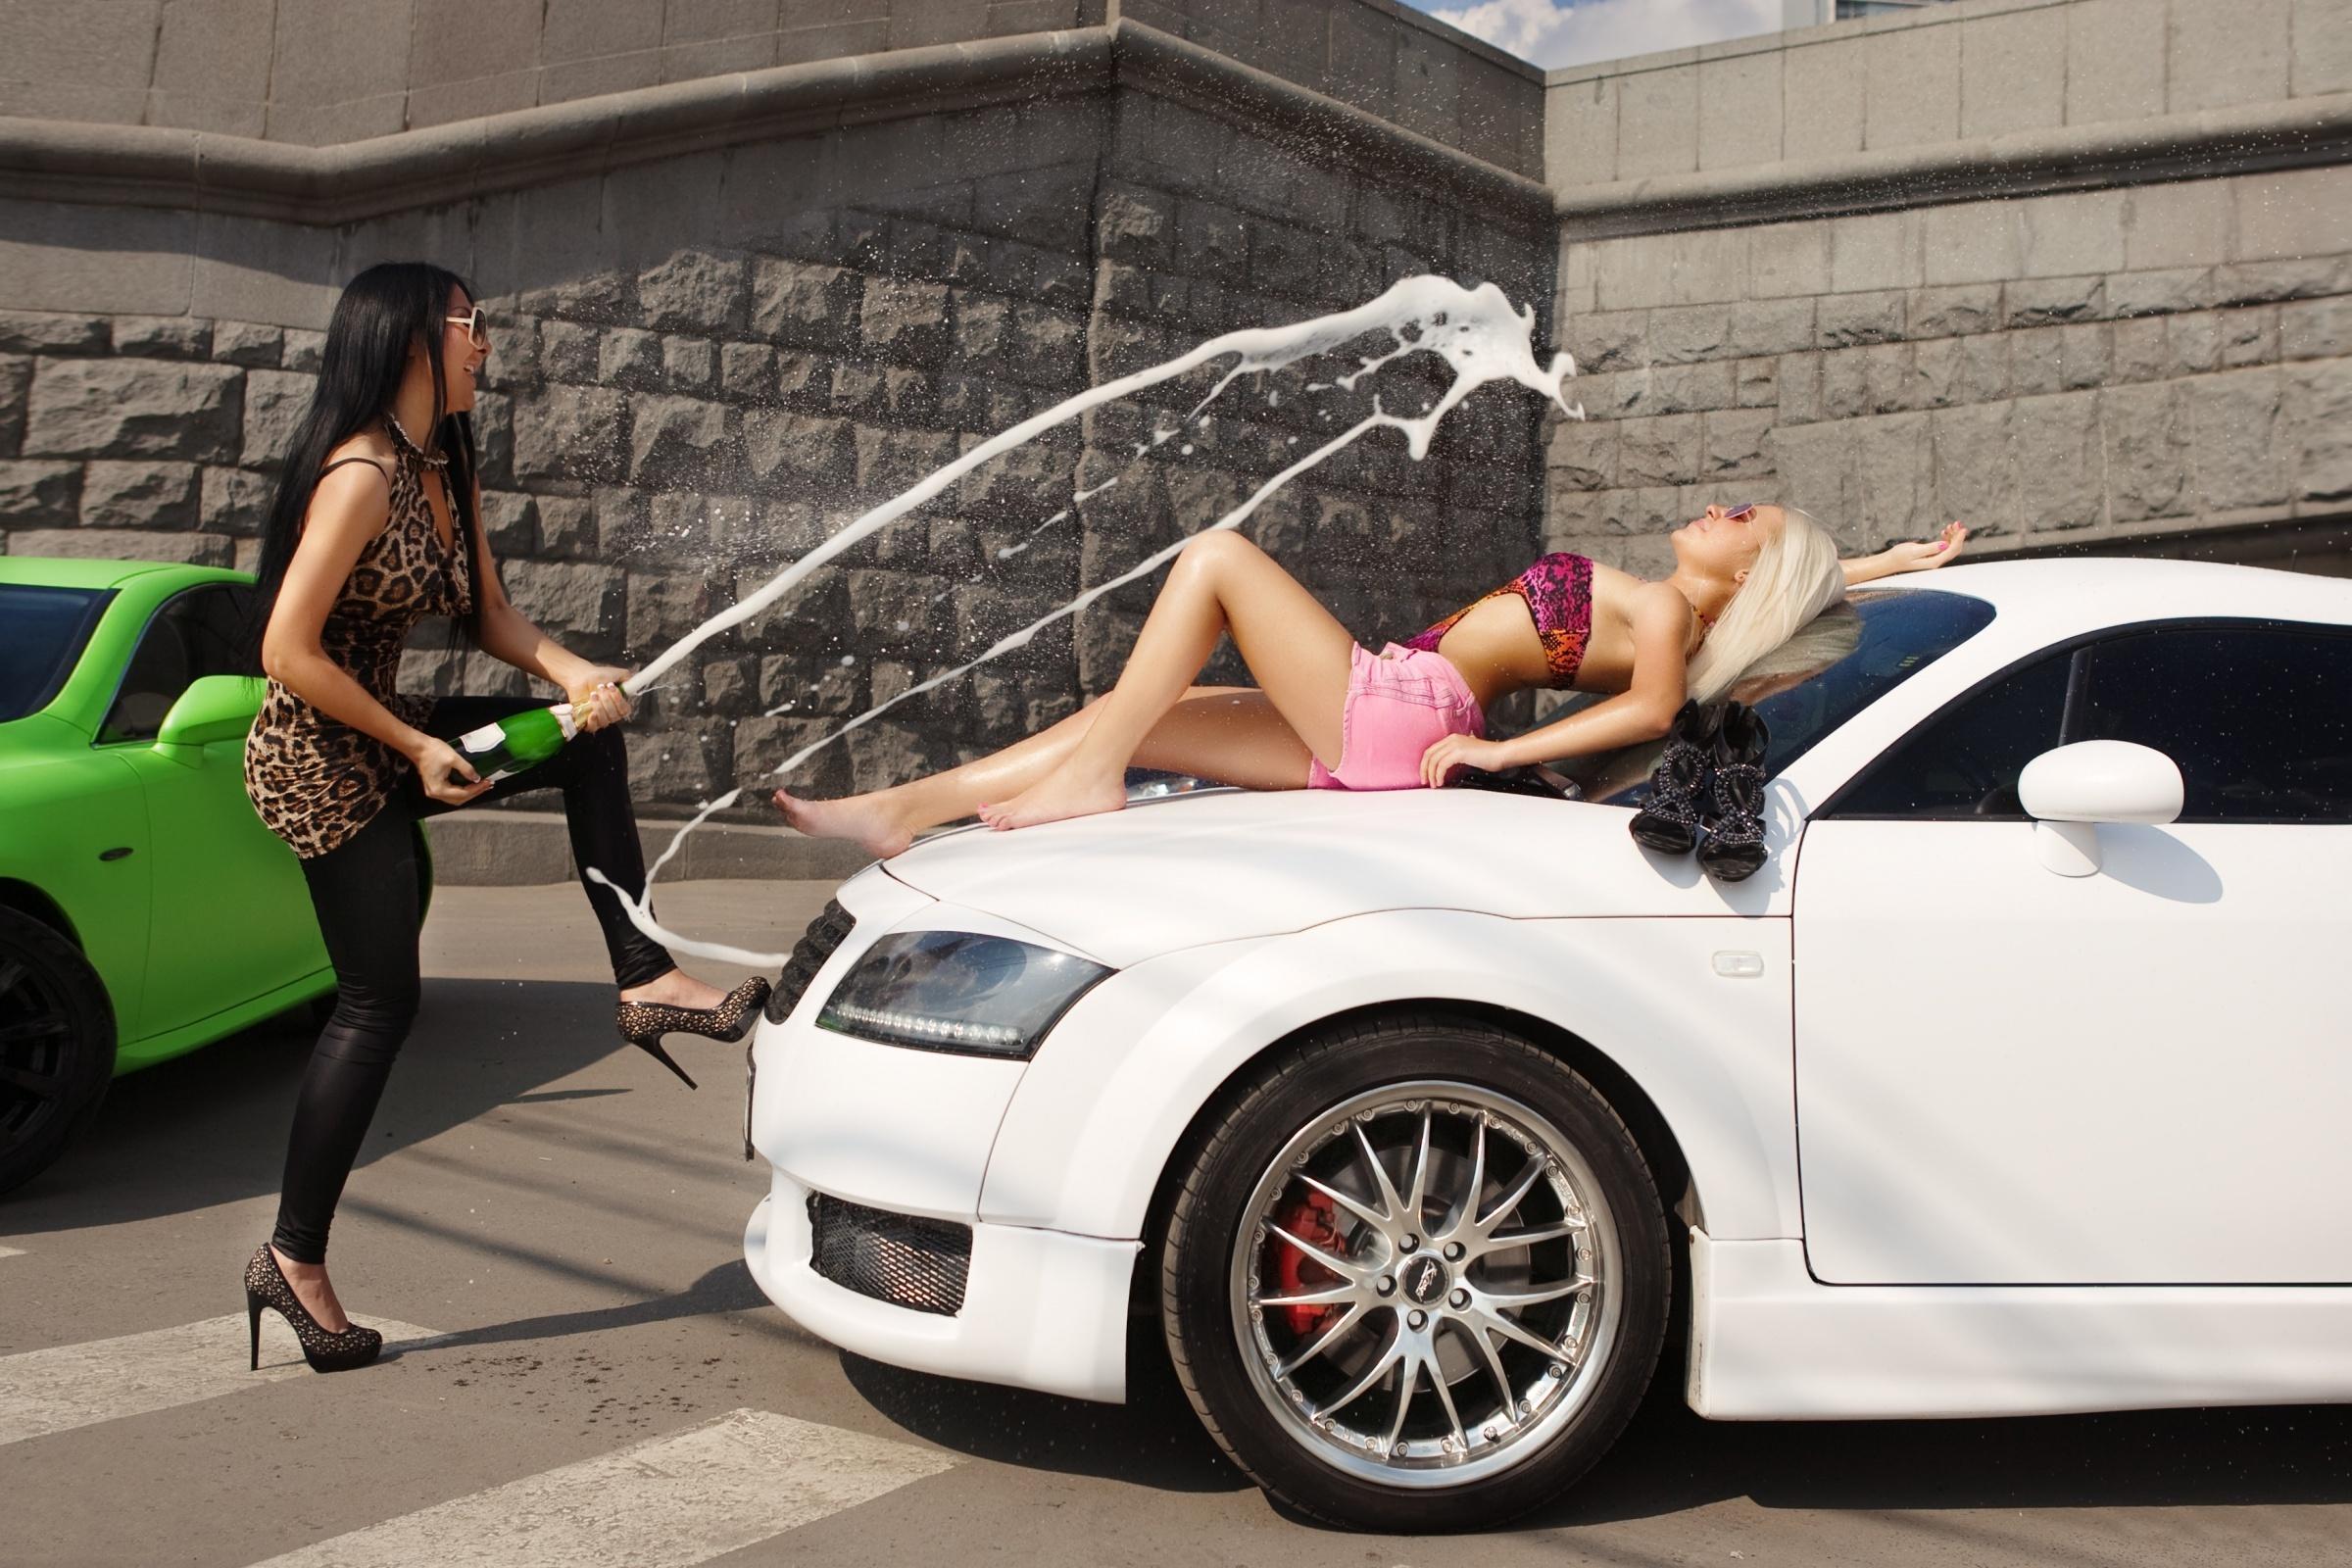 Картинки девушки и авто прикольные, февраля